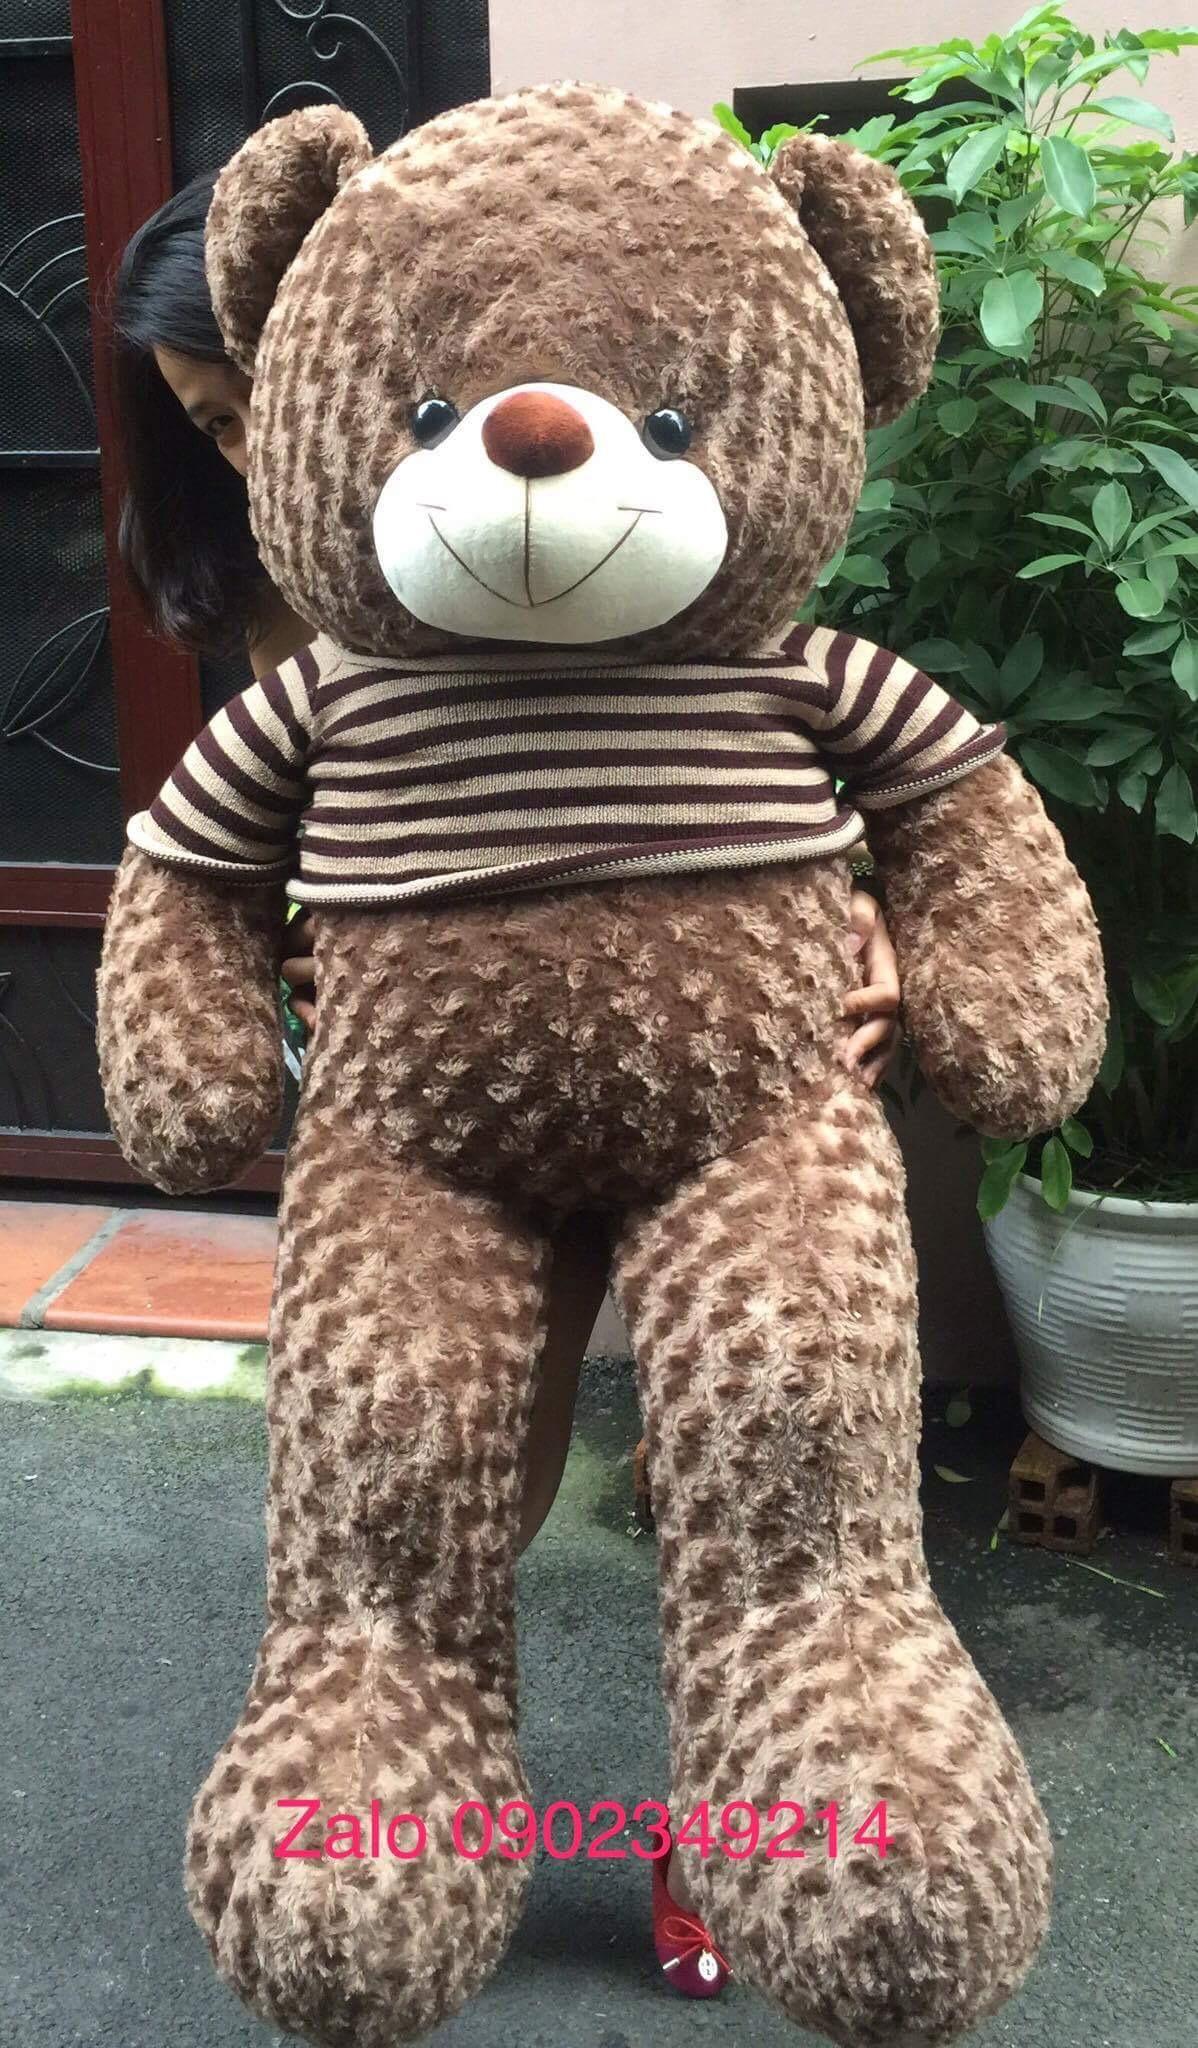 Gia đình Gấu Teddy lông xoắn